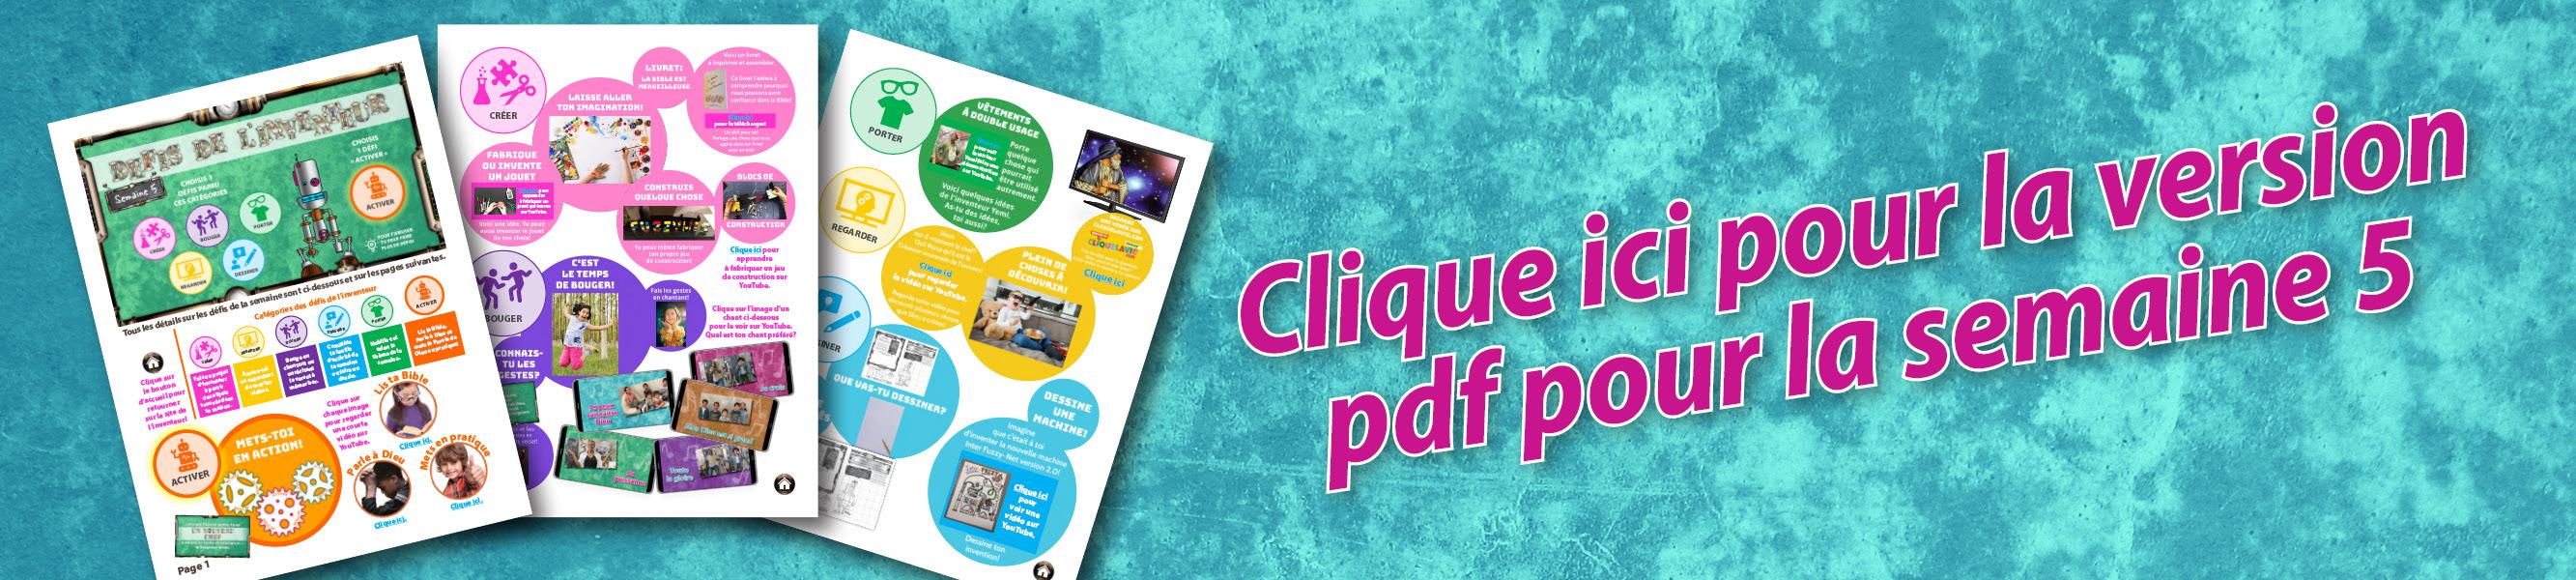 Cliquer pour la version pdf Semaine 5